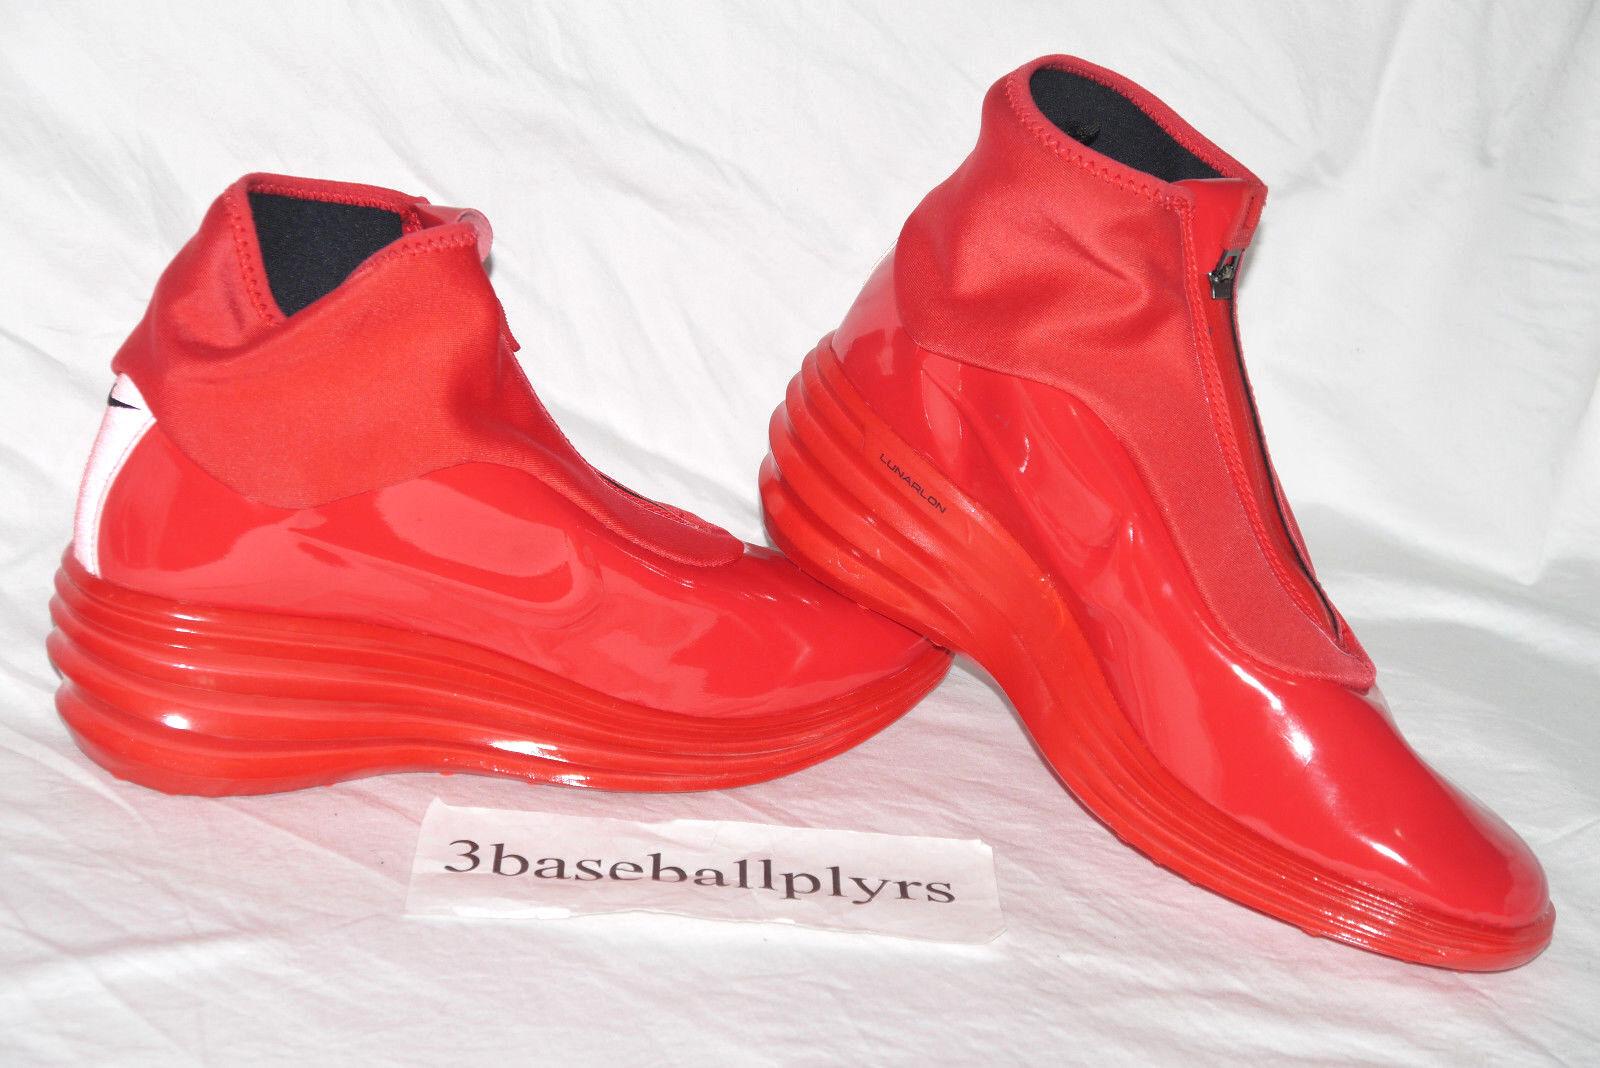 Nike Lunarelite Sky Hi Sneakerboot Tua Scegliere La Tua Sneakerboot Taglia 684949-600 Cuneo Brevetto e2157a